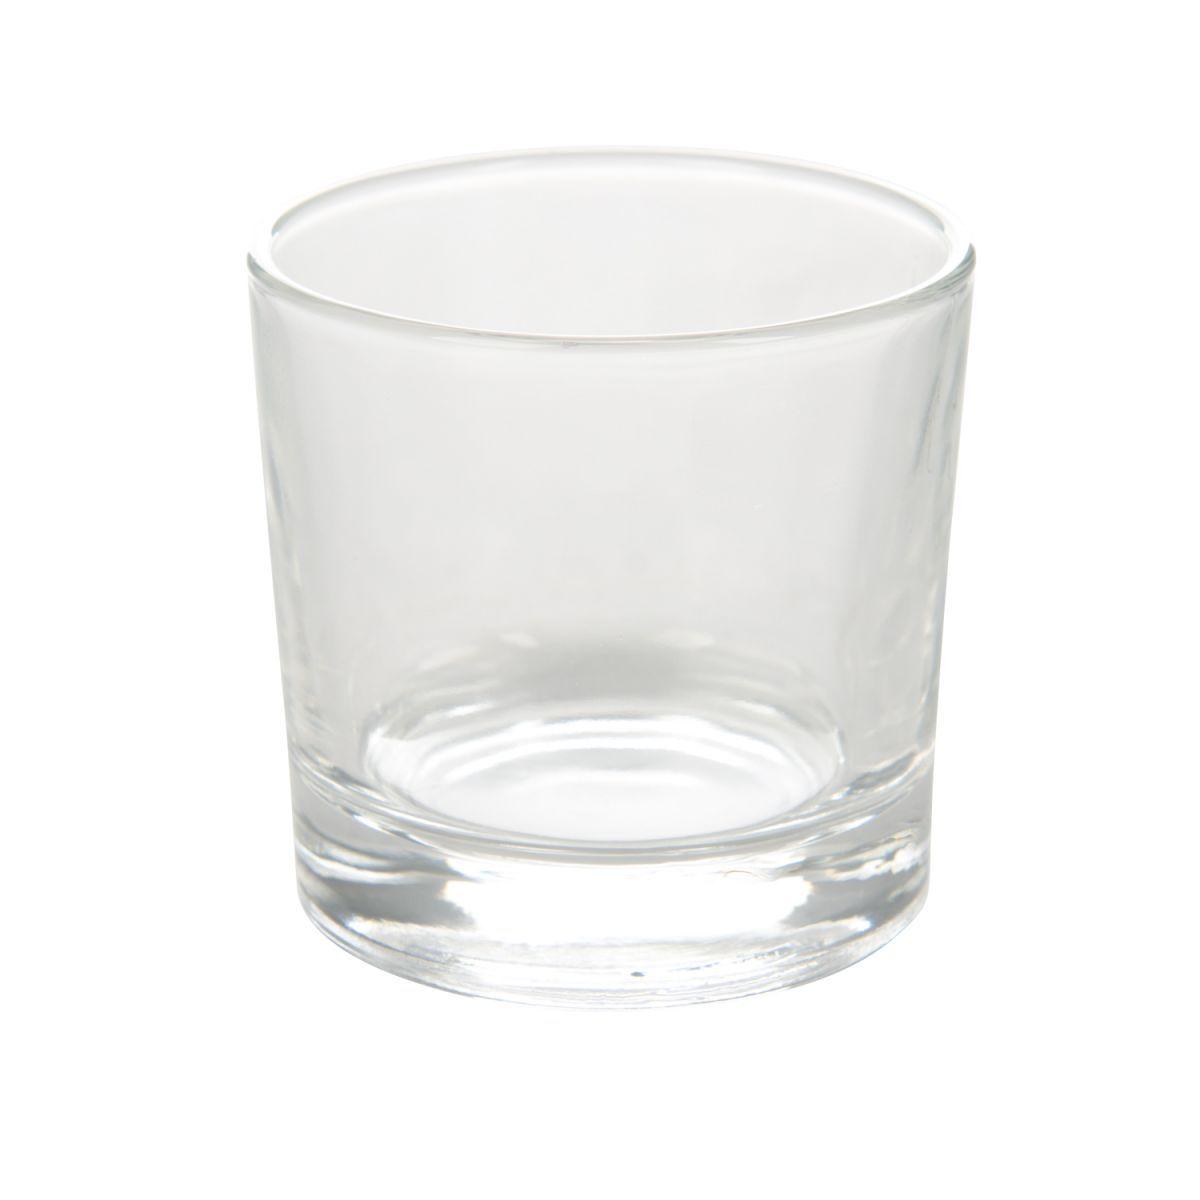 borrelglas chupito 4 cl 45x45 1